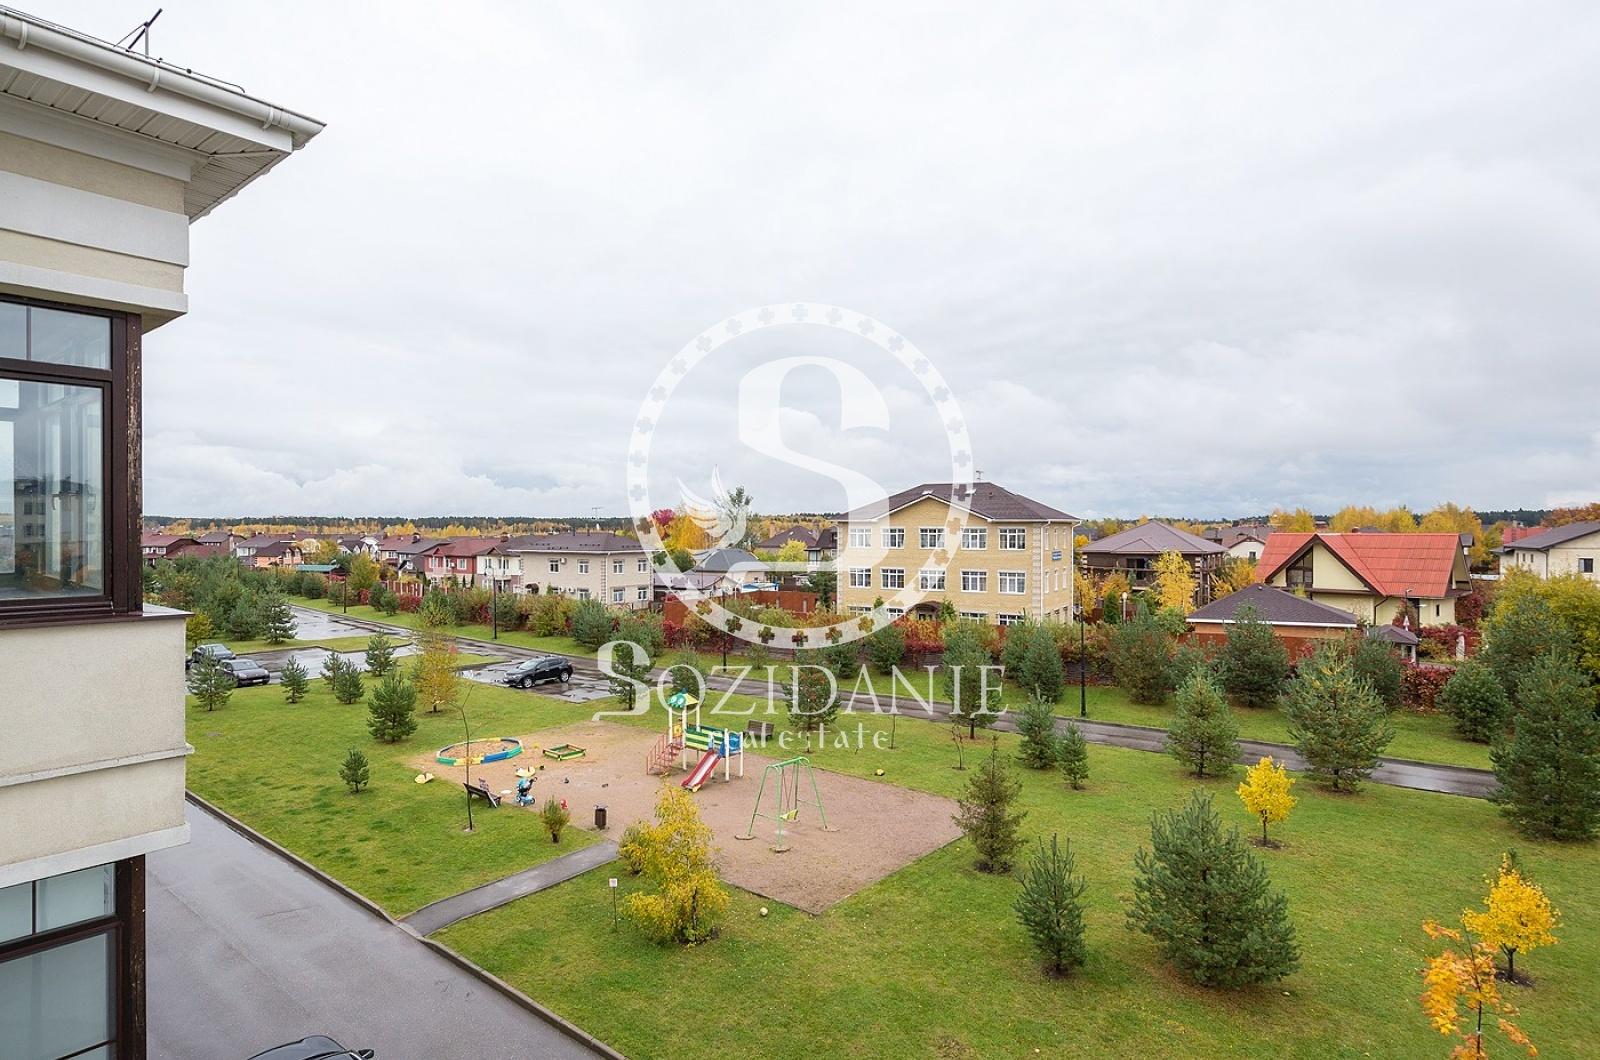 1 Bedrooms, 2 Комнаты, Загородная, Продажа, Listing ID 3553, Московская область, Россия,